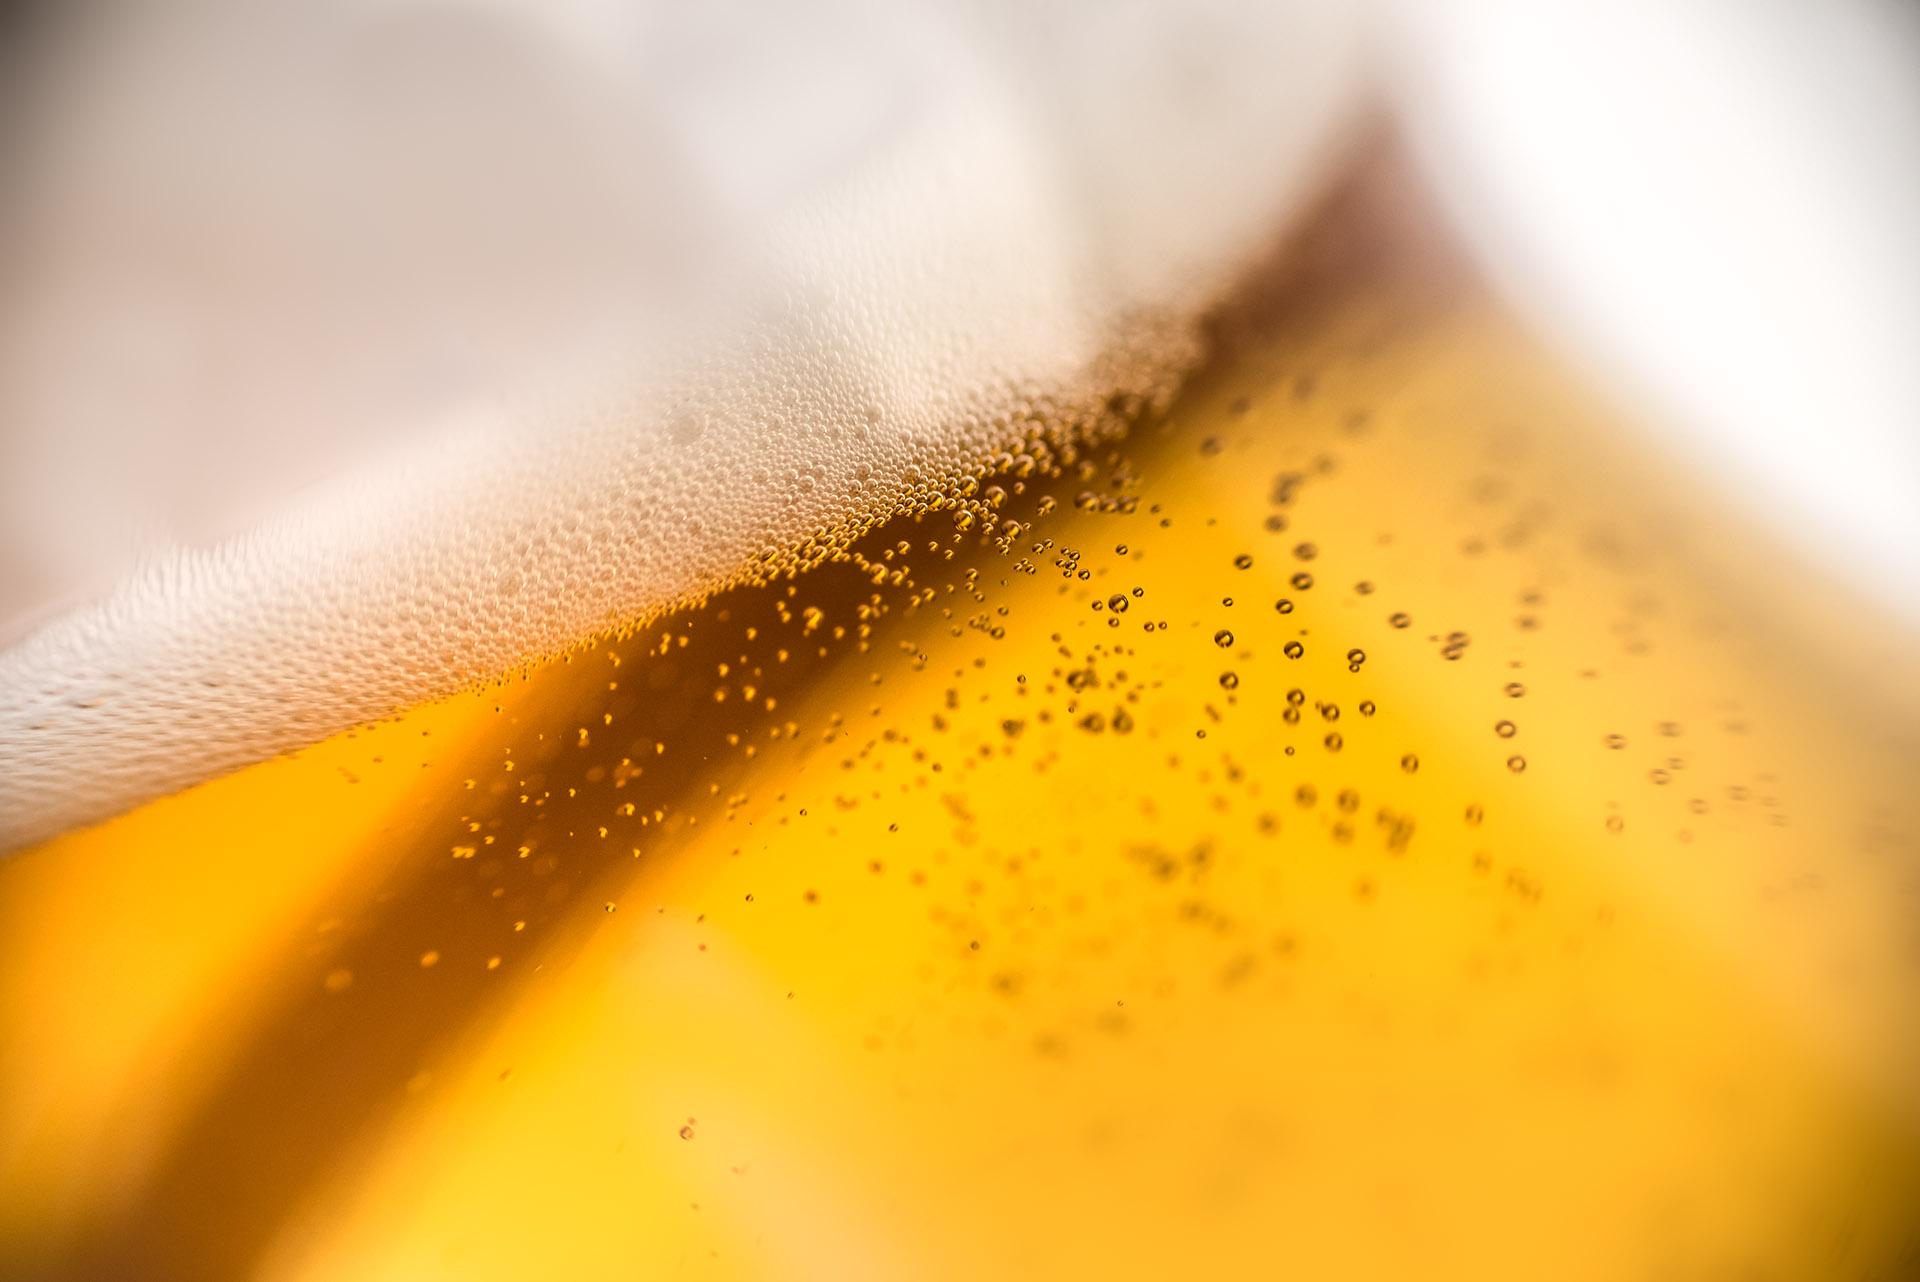 Close Up von Kohlensäueperlen und Bierschaum eines Pils. Feigefotodesign